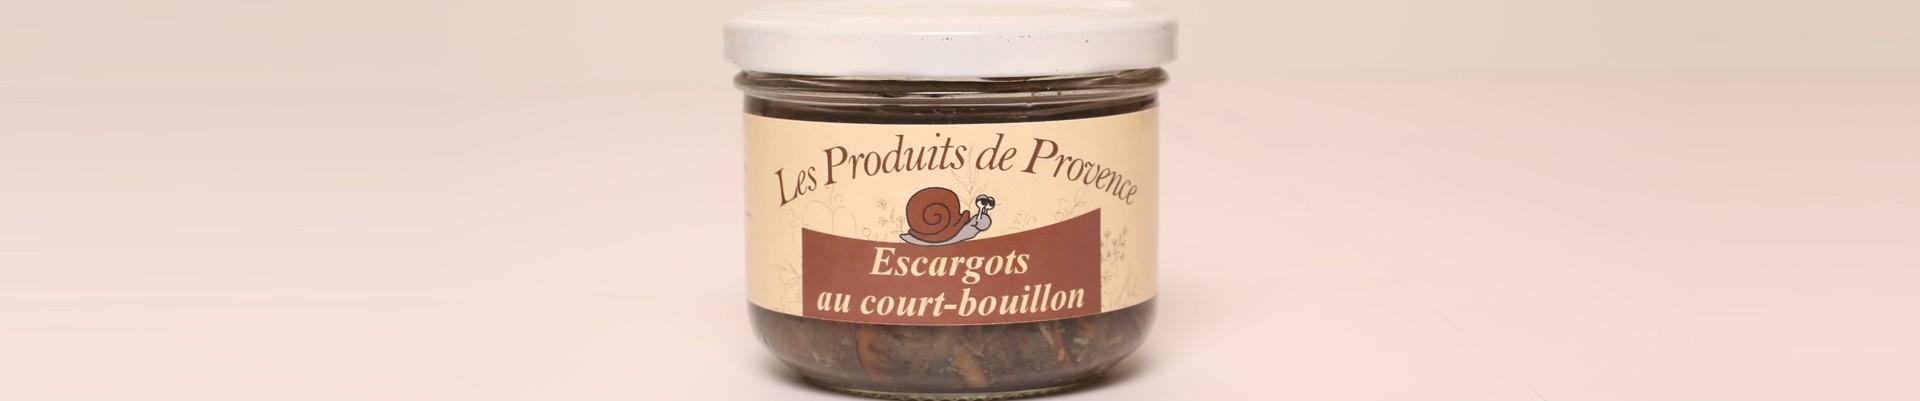 Escargots en Conserve - Les produits de Provence - Escargots, Truffes, Miel - Enclave des Papes